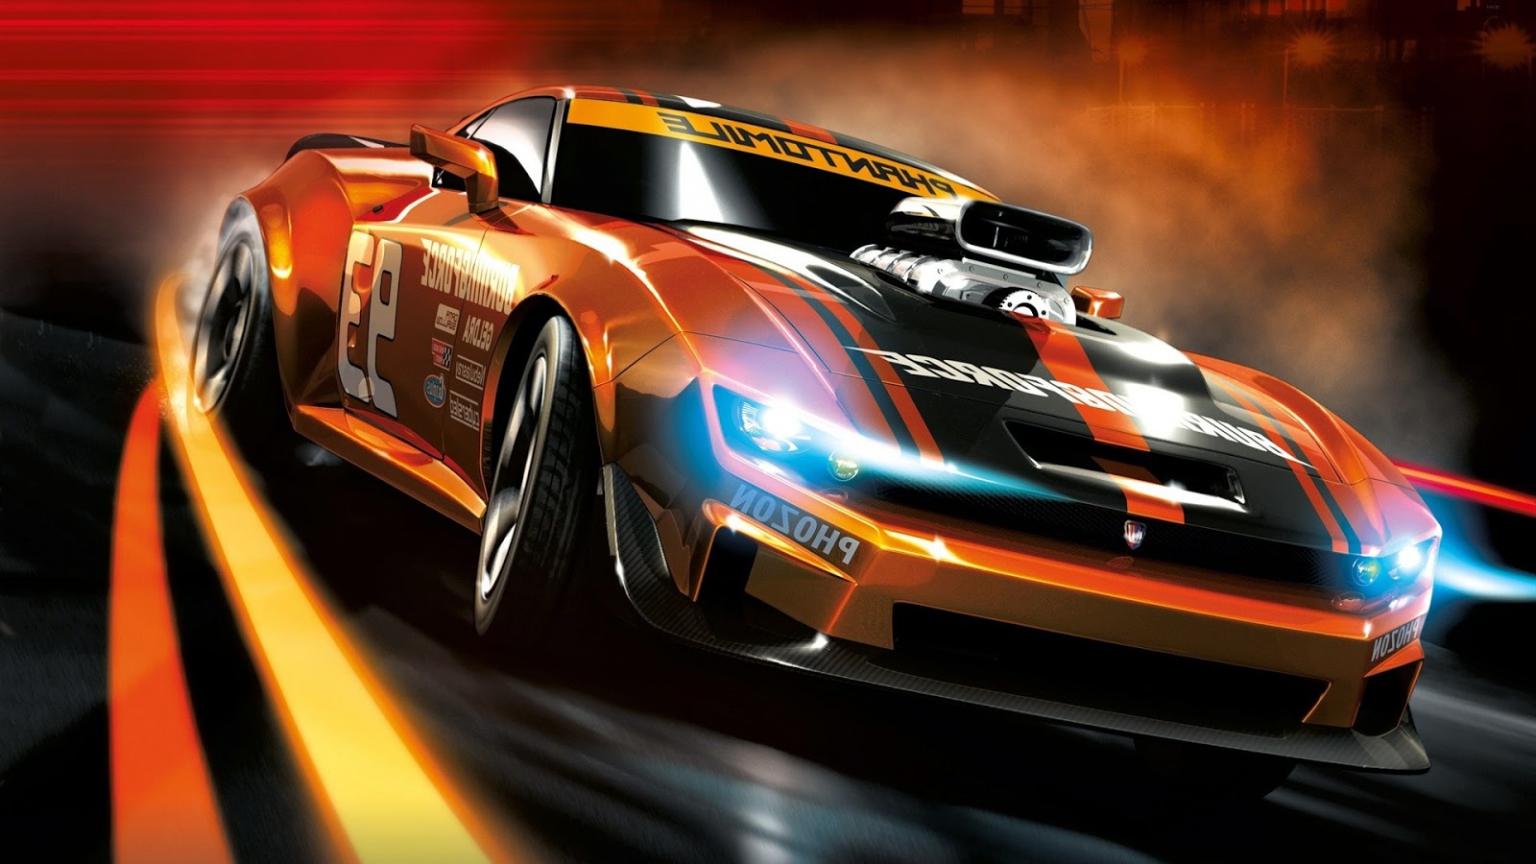 Free Download Gambar Mobil Balap Drag Paling Keren Cool Race Car